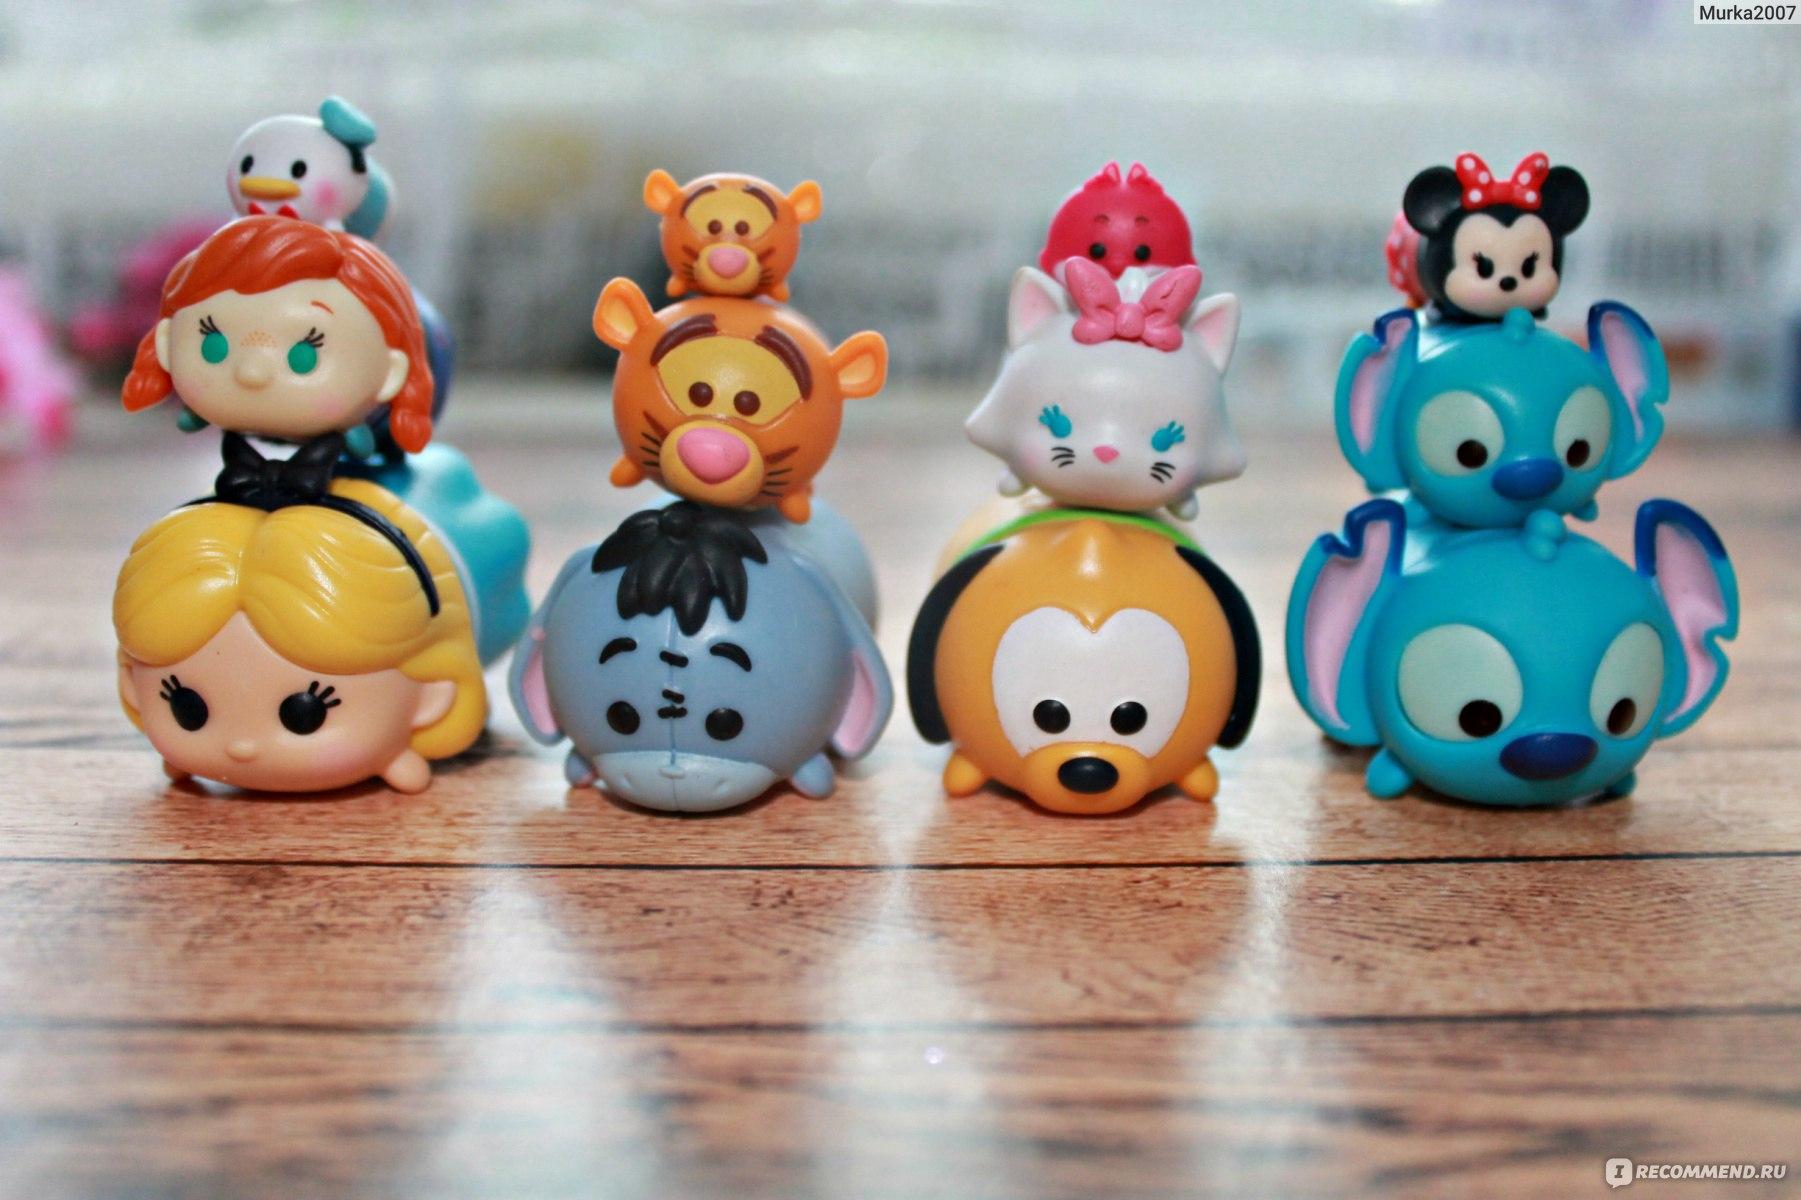 91427e96 Игровой набор Tsum Tsum (Цум Цум) Фигурки коллекционные, упаковка из ...